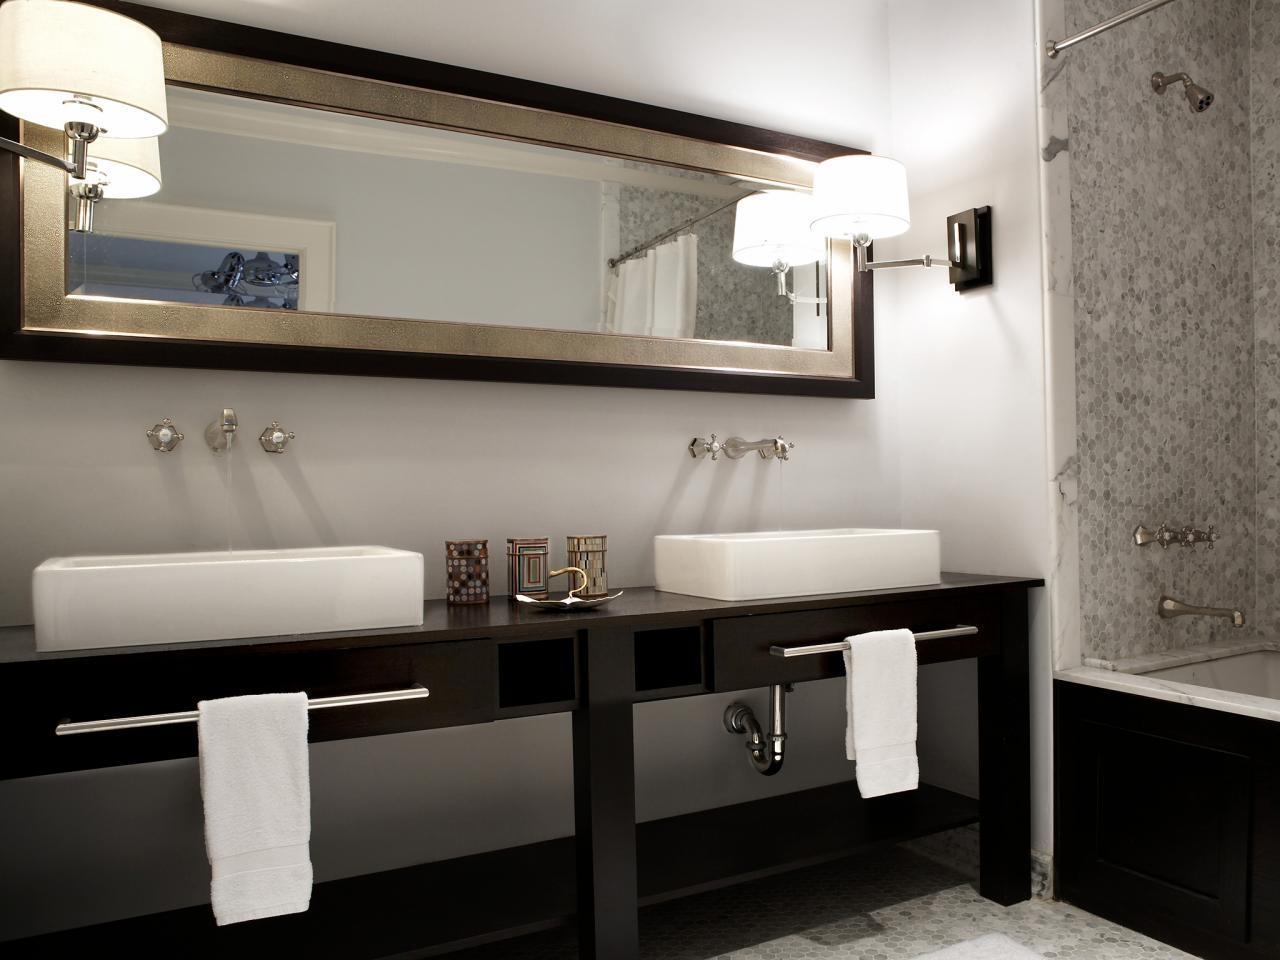 Bathroom Vanity Mirrors | Hgtv Within Bathroom Vanity Mirrors (Image 7 of 20)